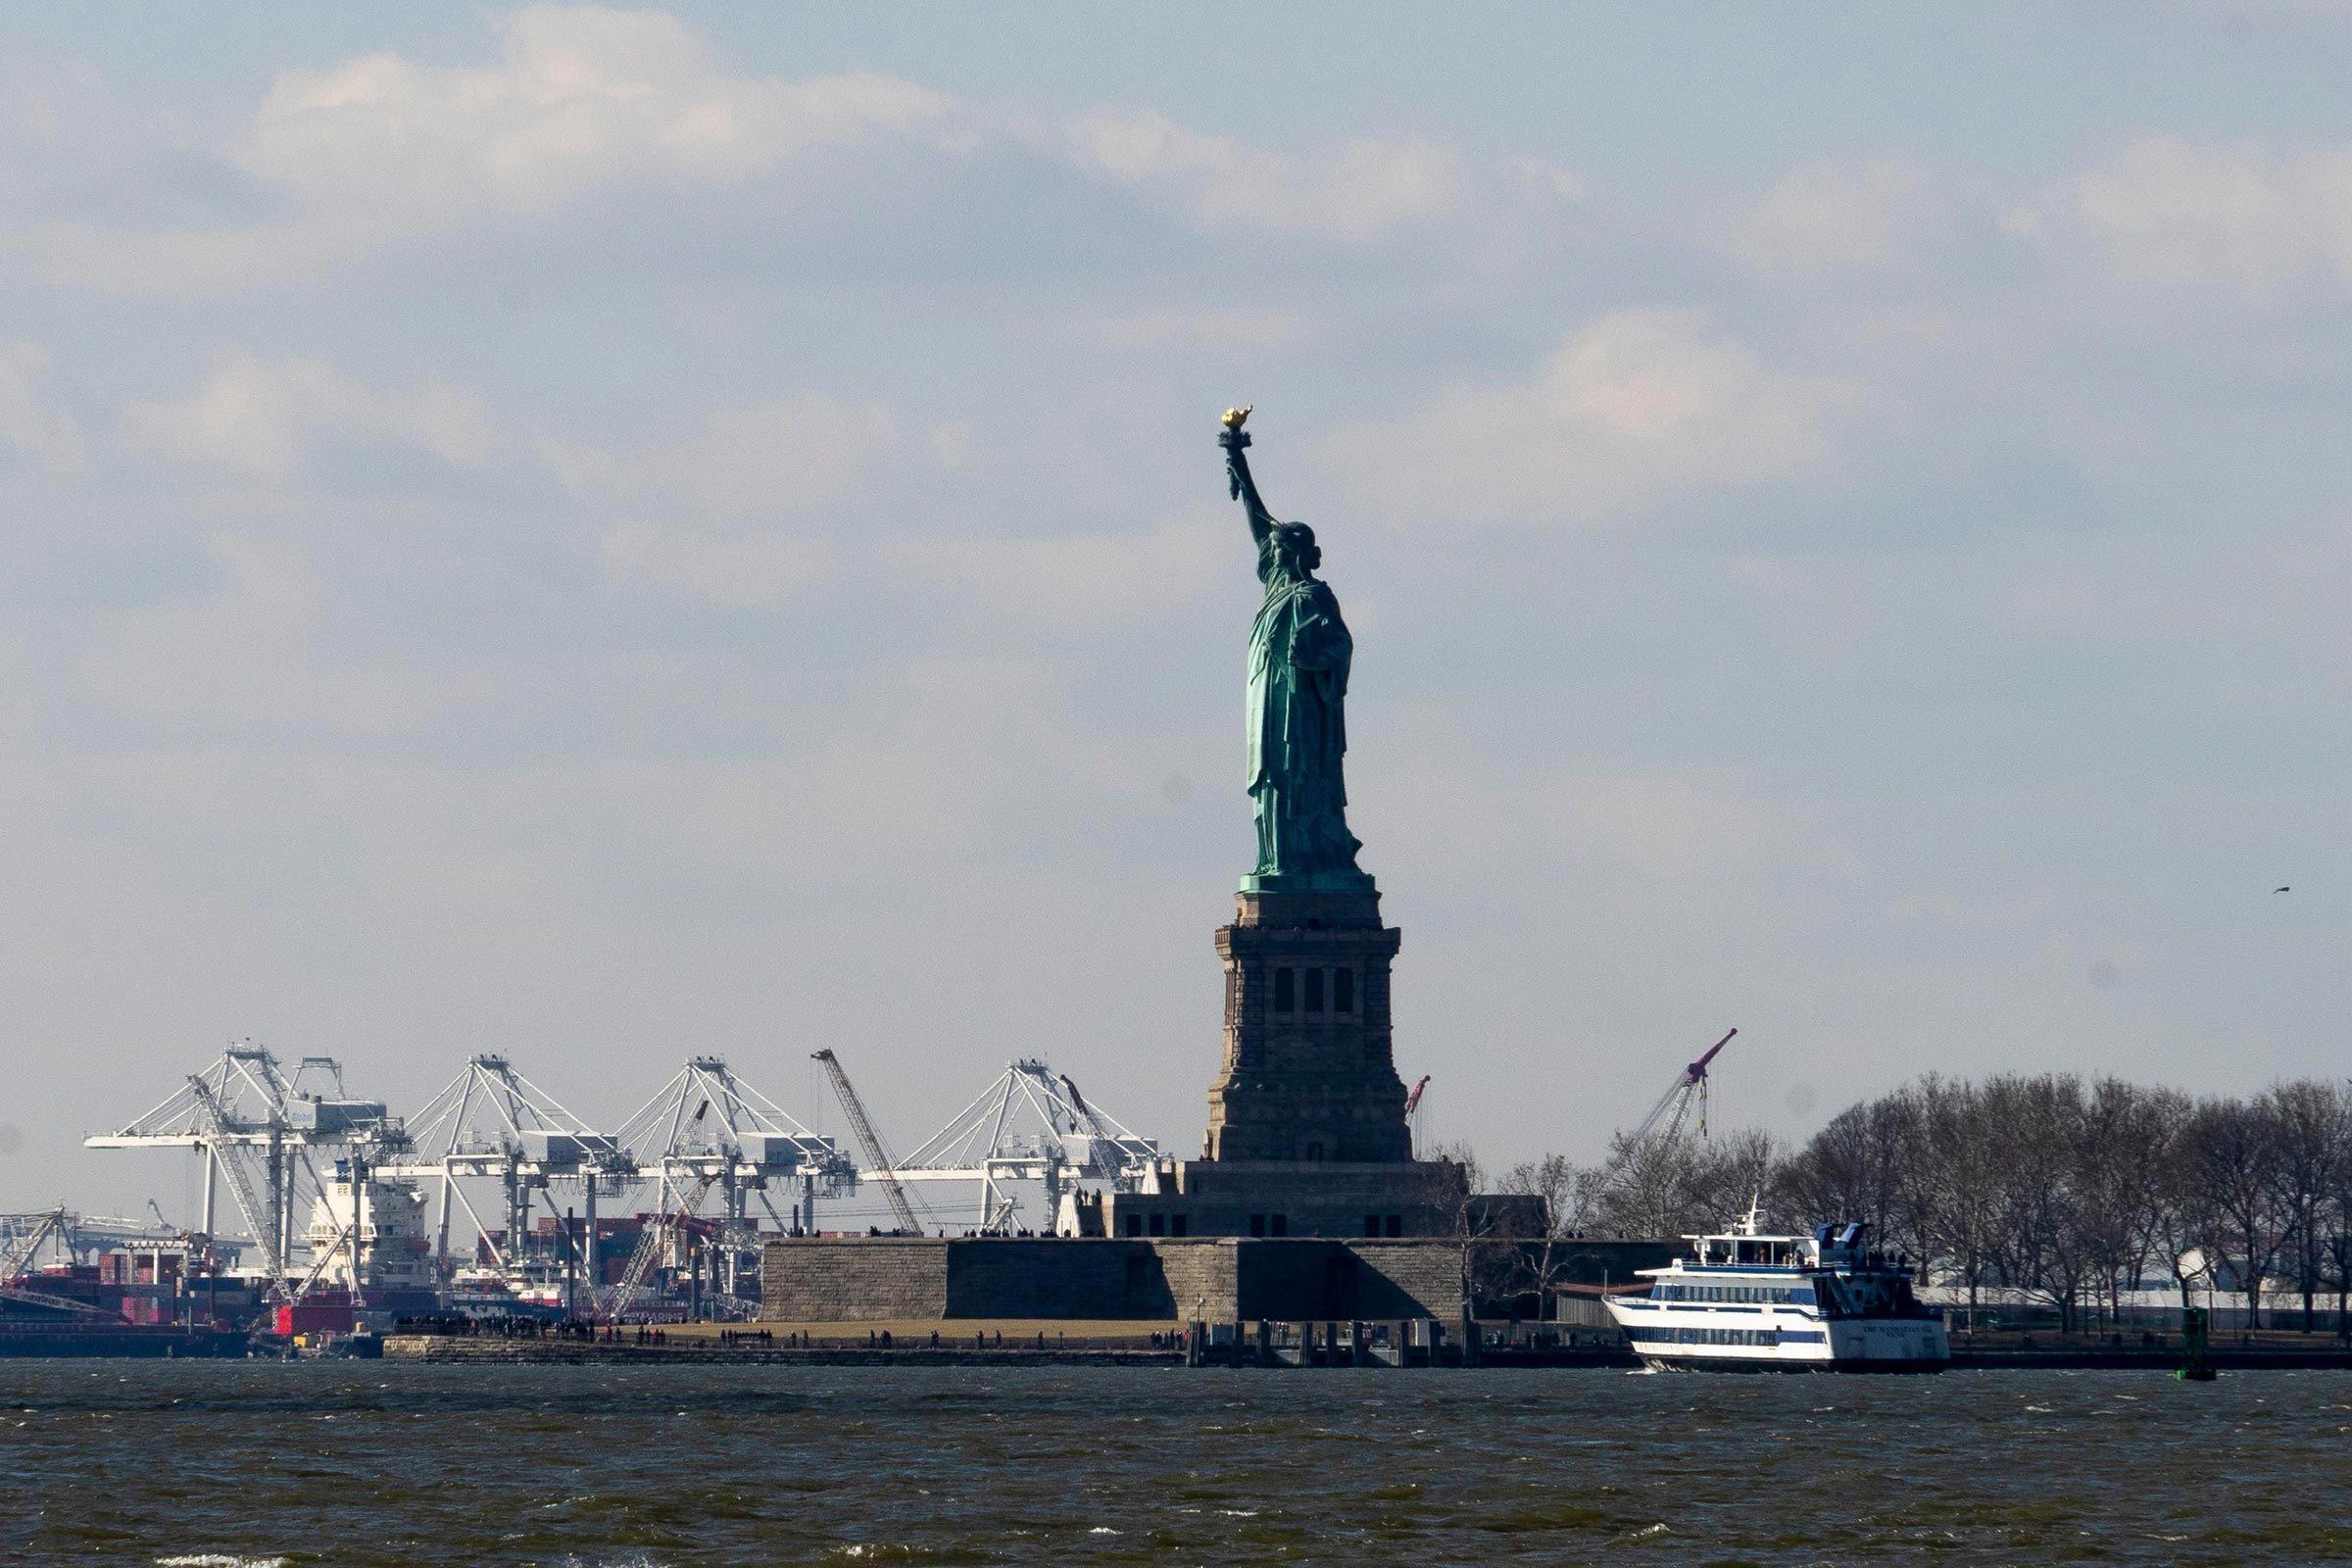 Monument célèbre qui dissimule une pièce secrète : la Statue de la Liberté.